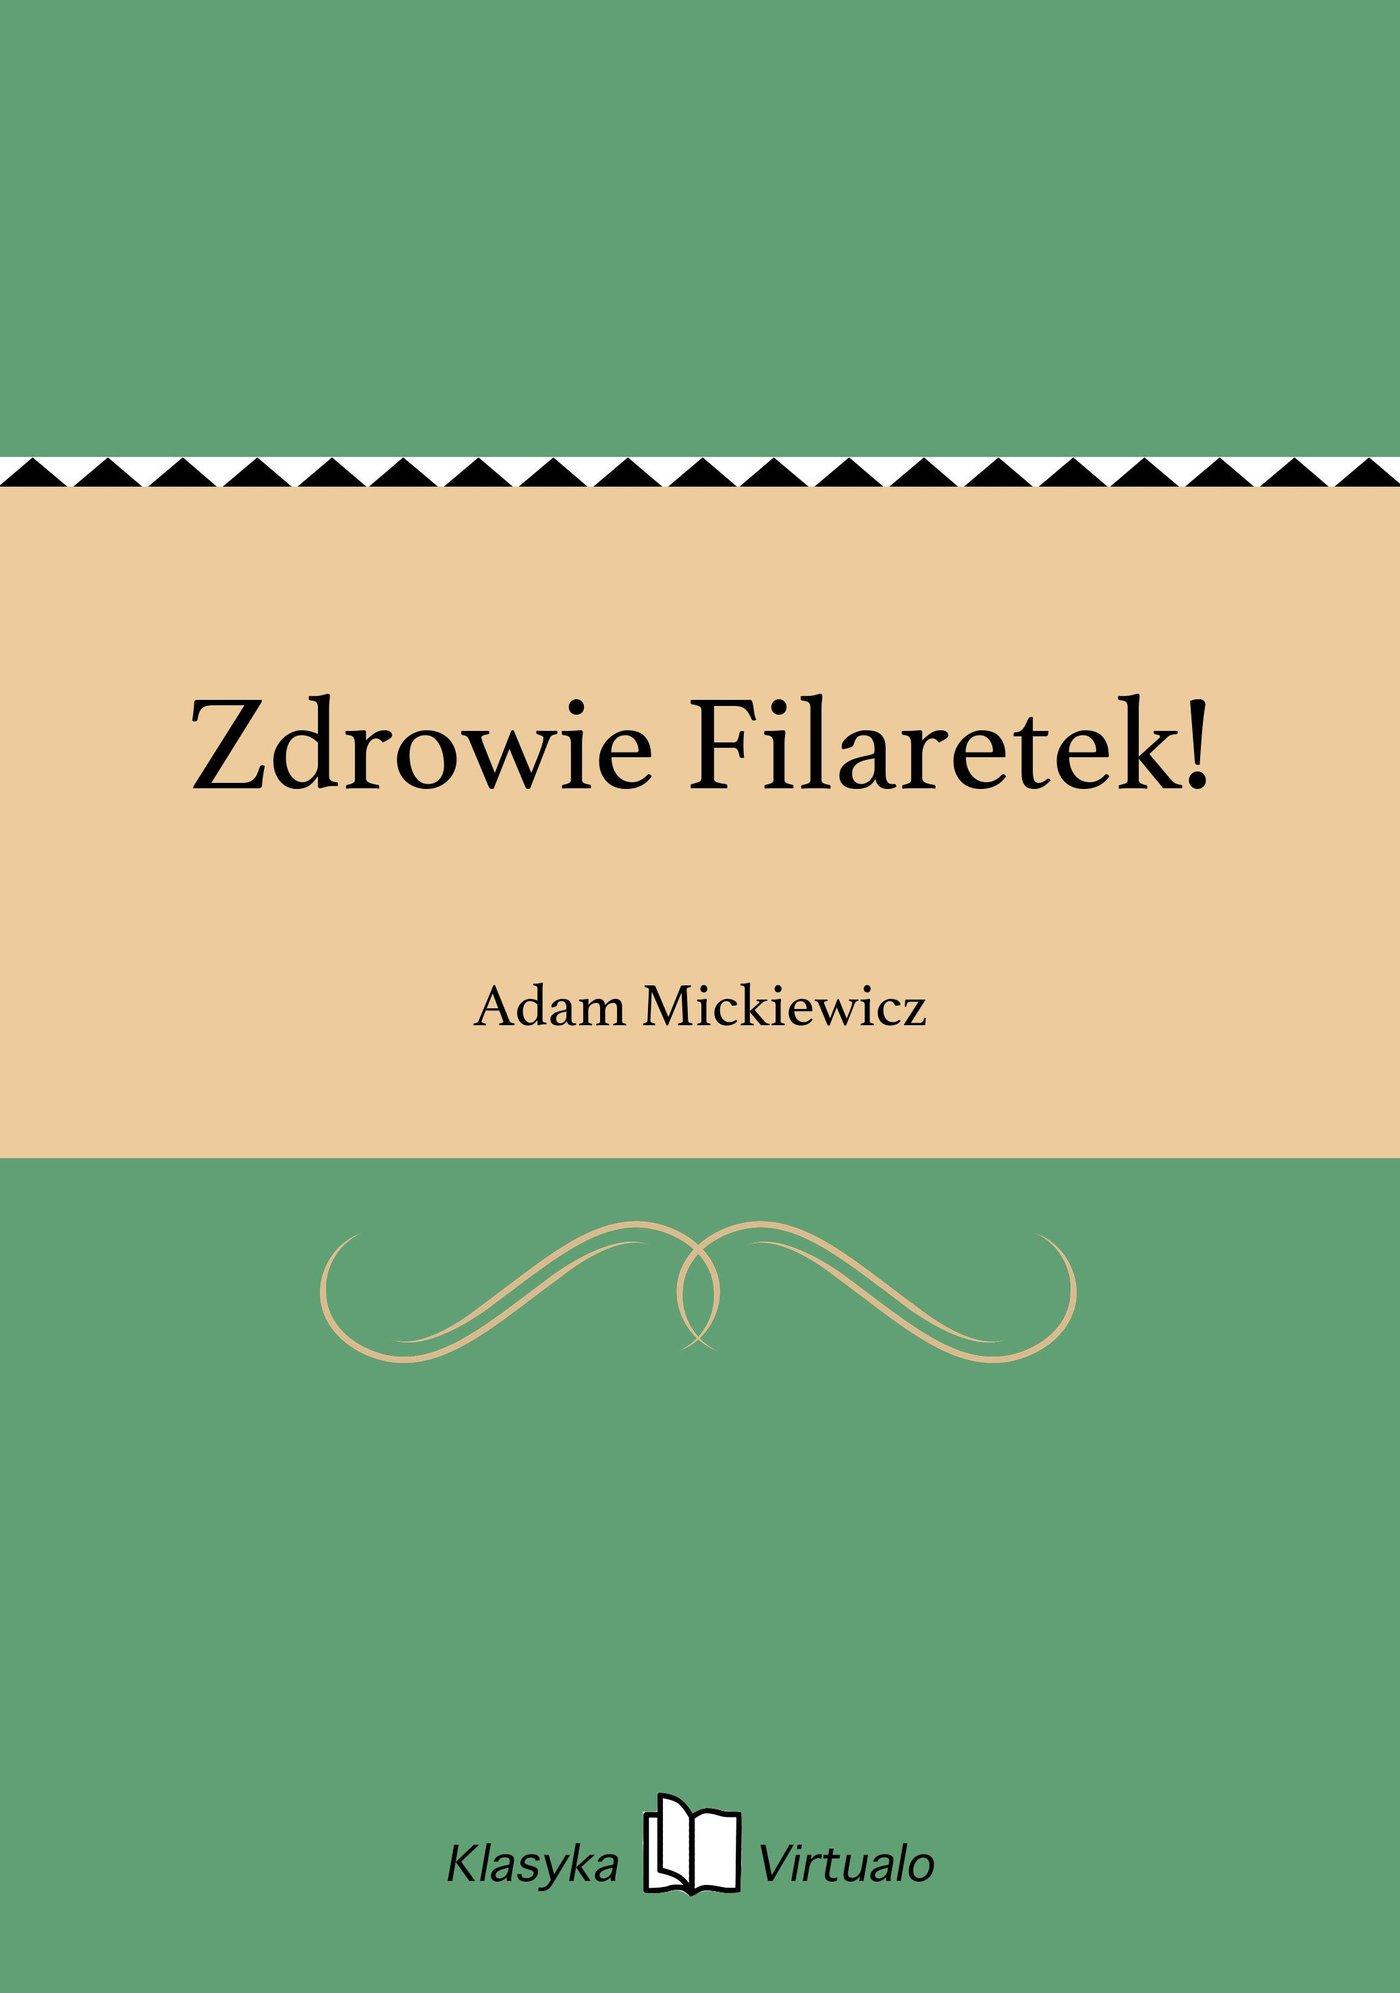 Zdrowie Filaretek! - Ebook (Książka EPUB) do pobrania w formacie EPUB